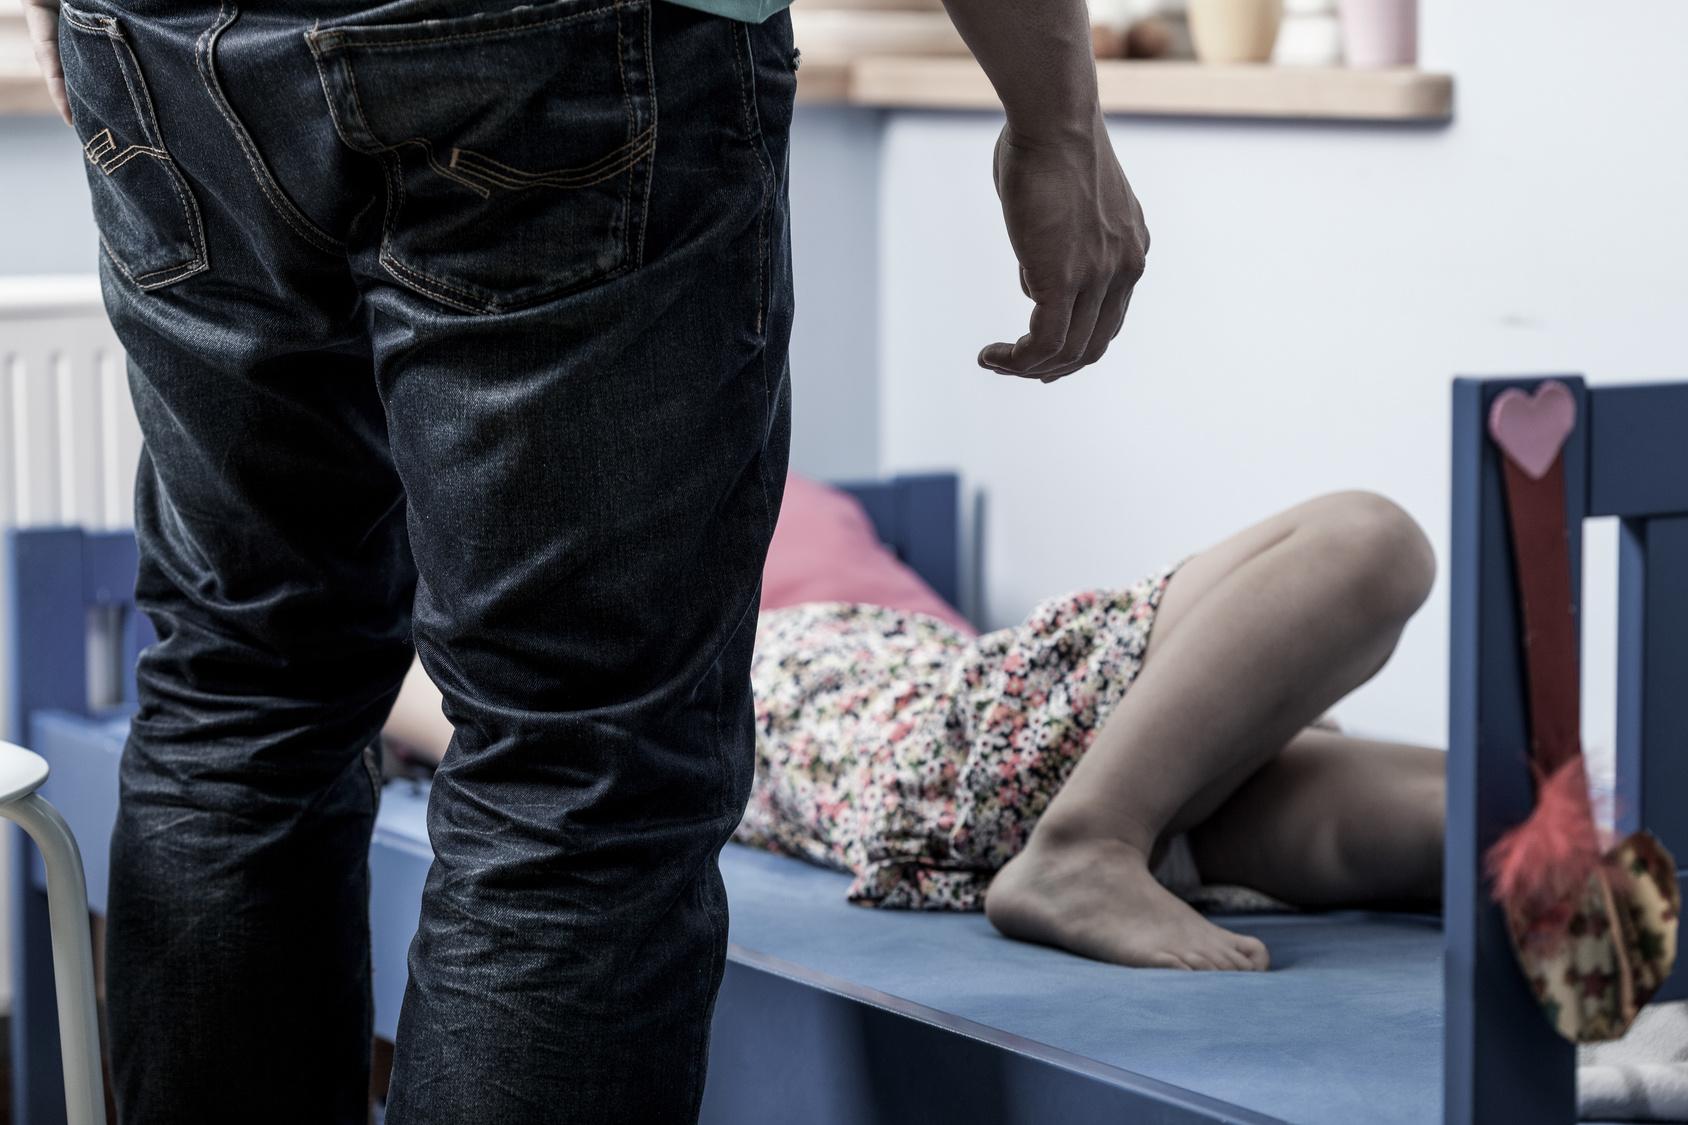 Vergewaltiger will nicht erkannt haben, dass sein Opfer erst 13 war